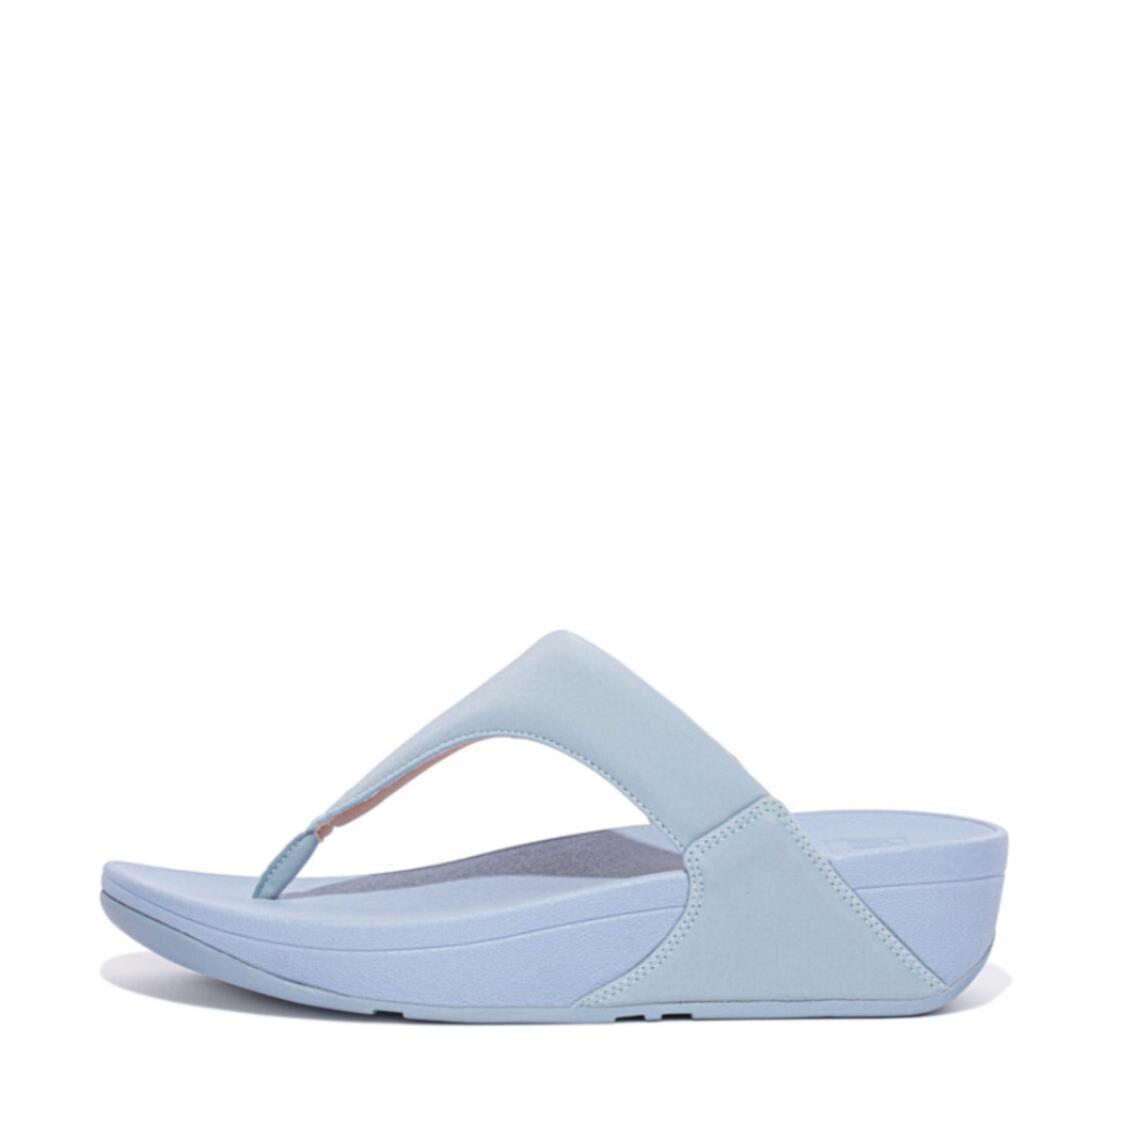 Fitflop Lulu Toe-post Sandals Pale BlueBeige EE4-896